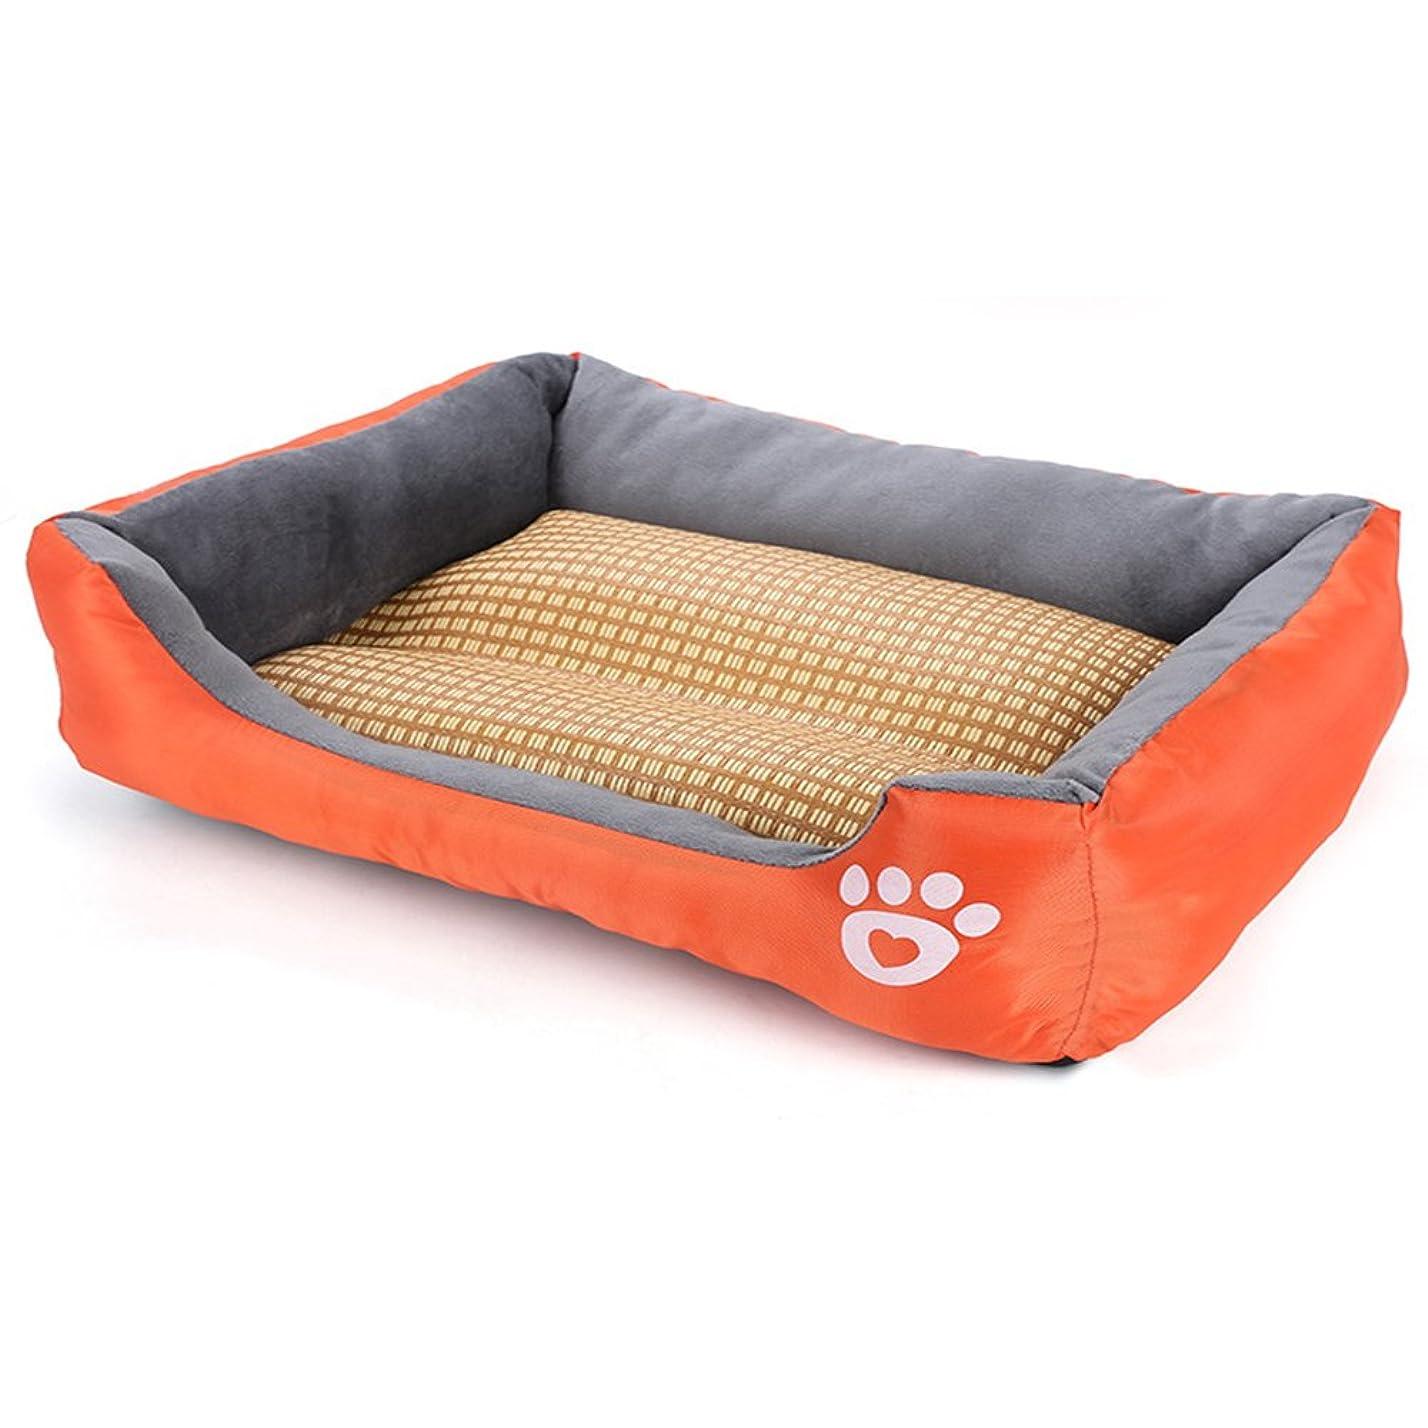 まもなく例外外科医Xianheng1 ペットベッド 大型犬 小型 犬 夏 犬ベッド 耐噛み 冷却マット 猫 ペットマット マット 夏用 ペット ベッド ひんやり 洗える 犬用 犬マット 冷感マット 可愛い クッション 猫用 涼感 シート